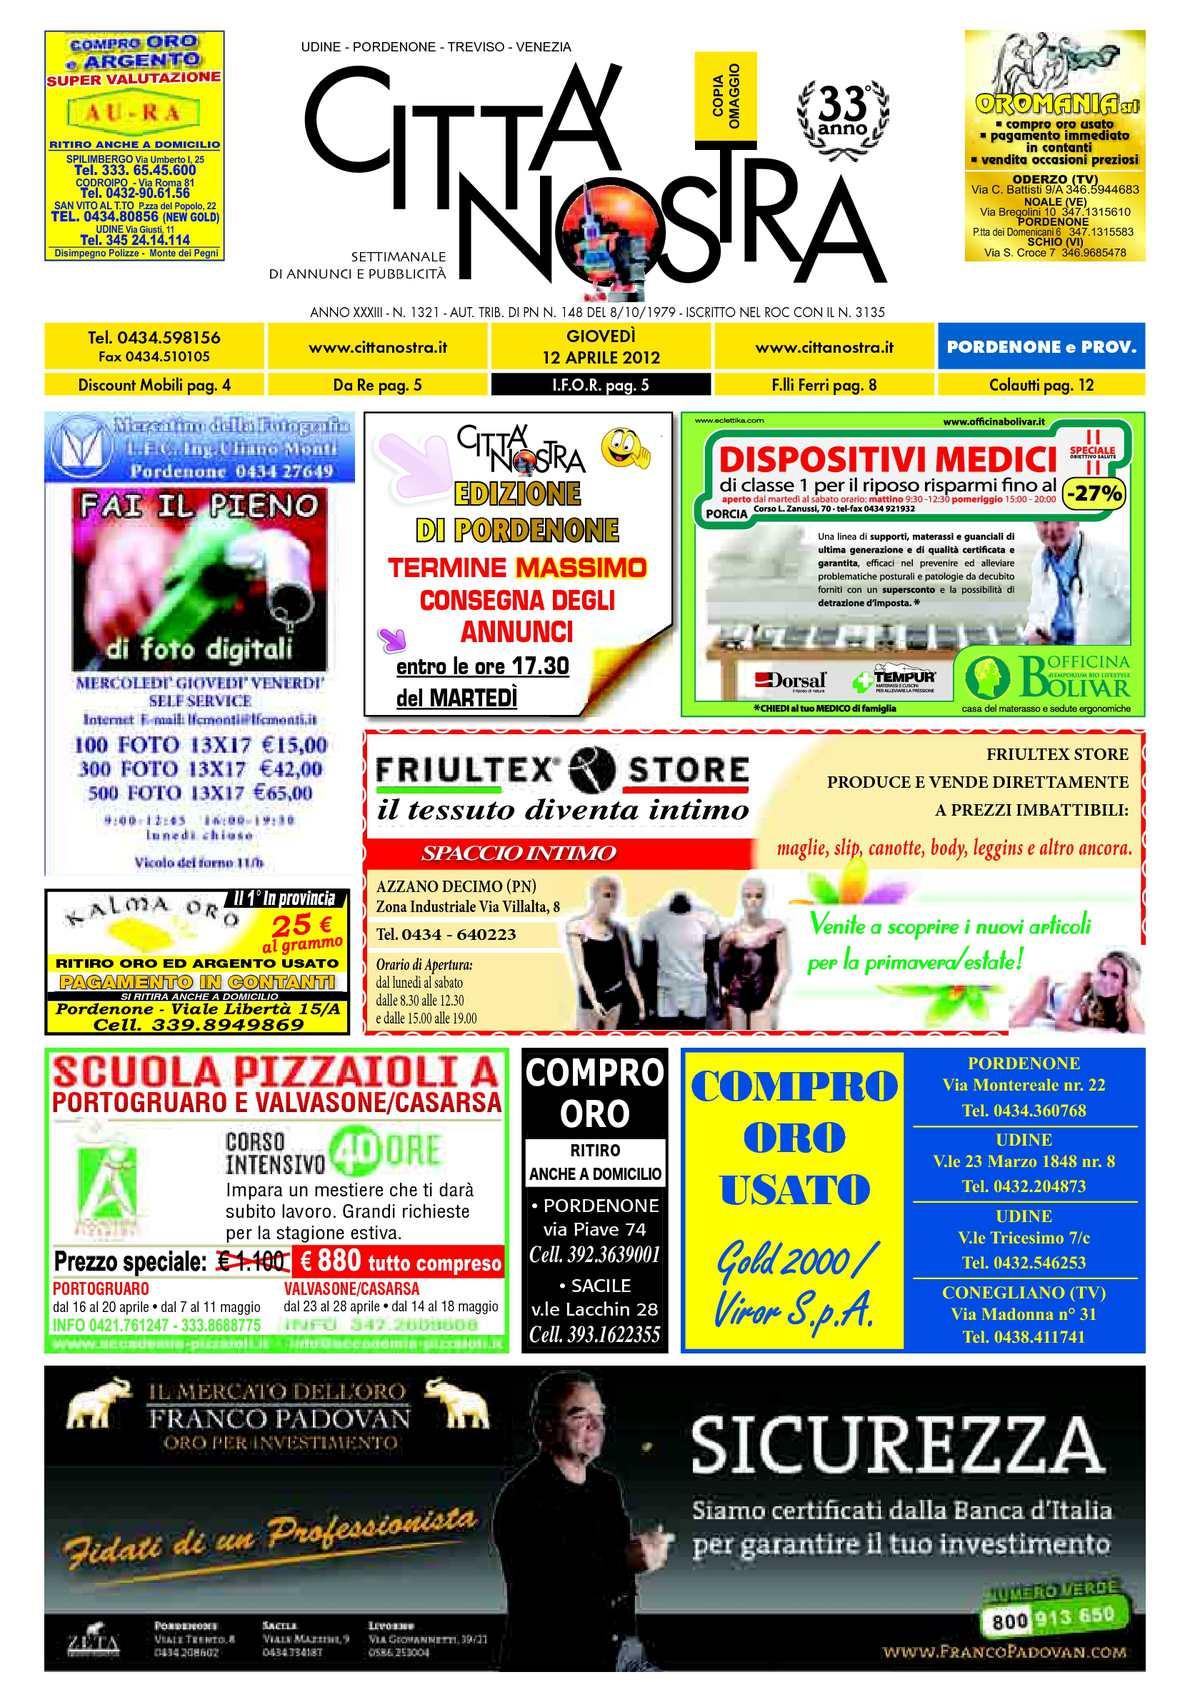 eccd793573 Calaméo - Città Nostra Pordenone del 12.04.2012 n. 1321